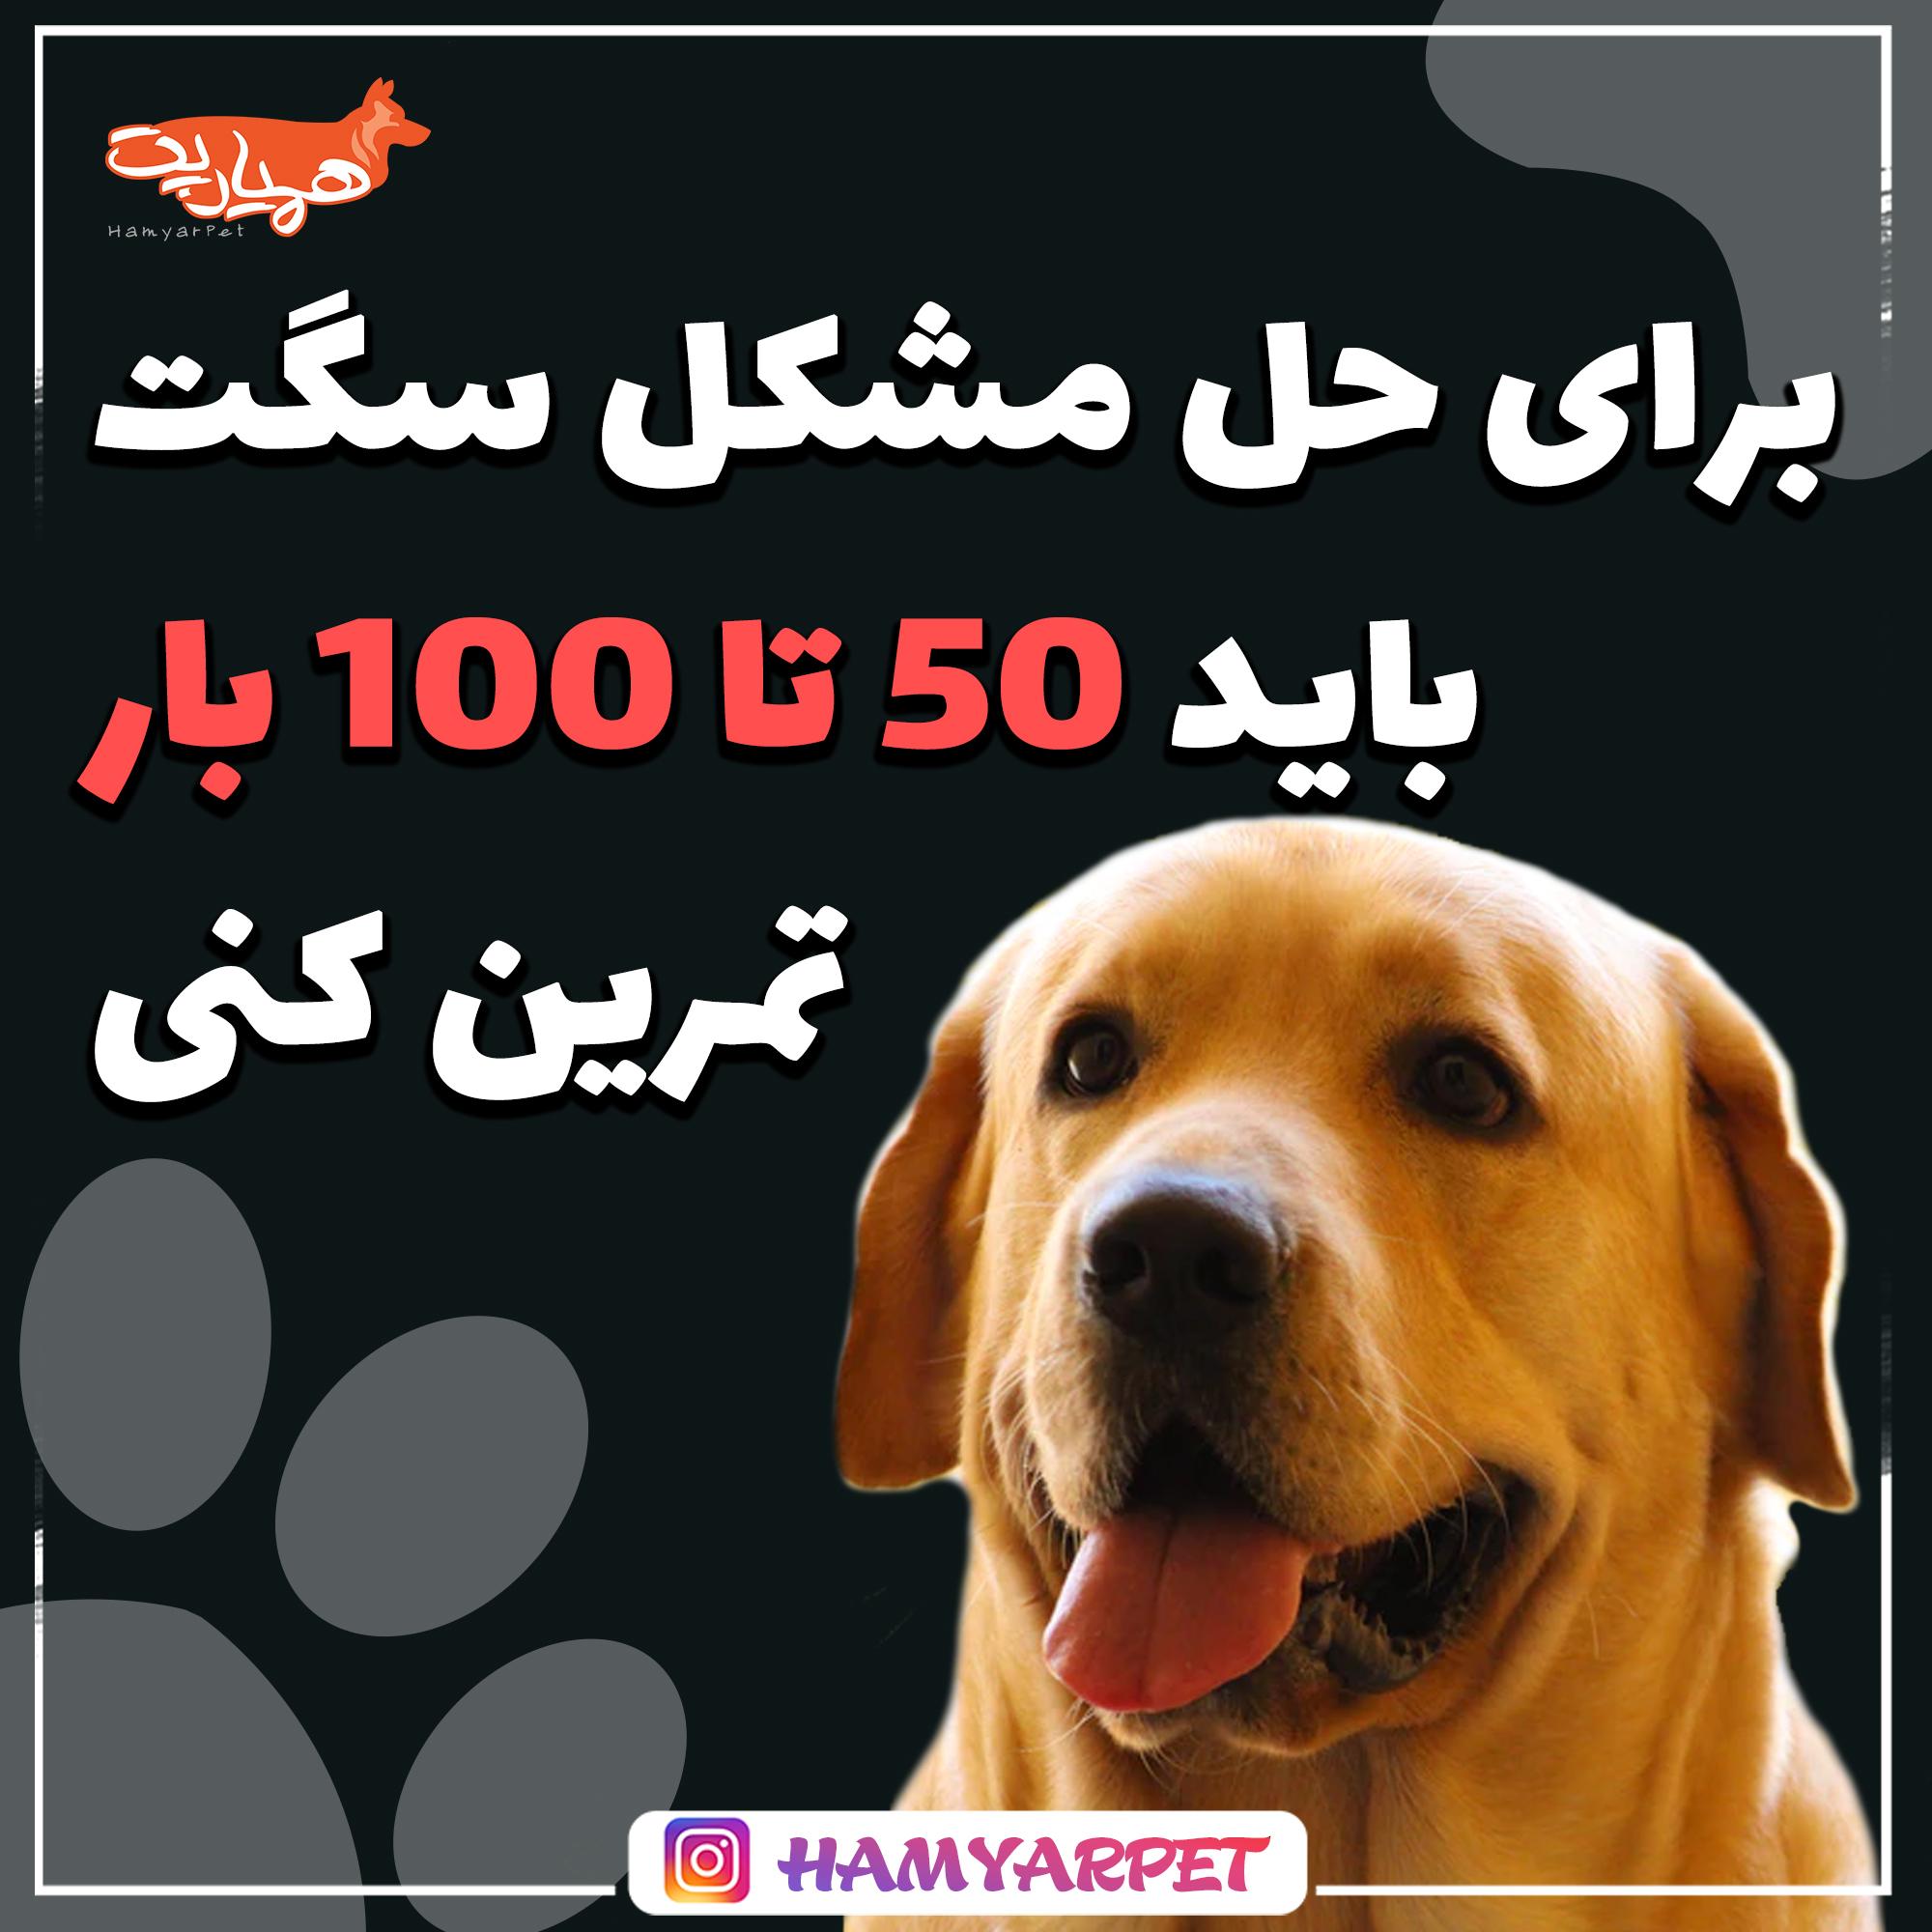 تمرینات آموزشی به سگ